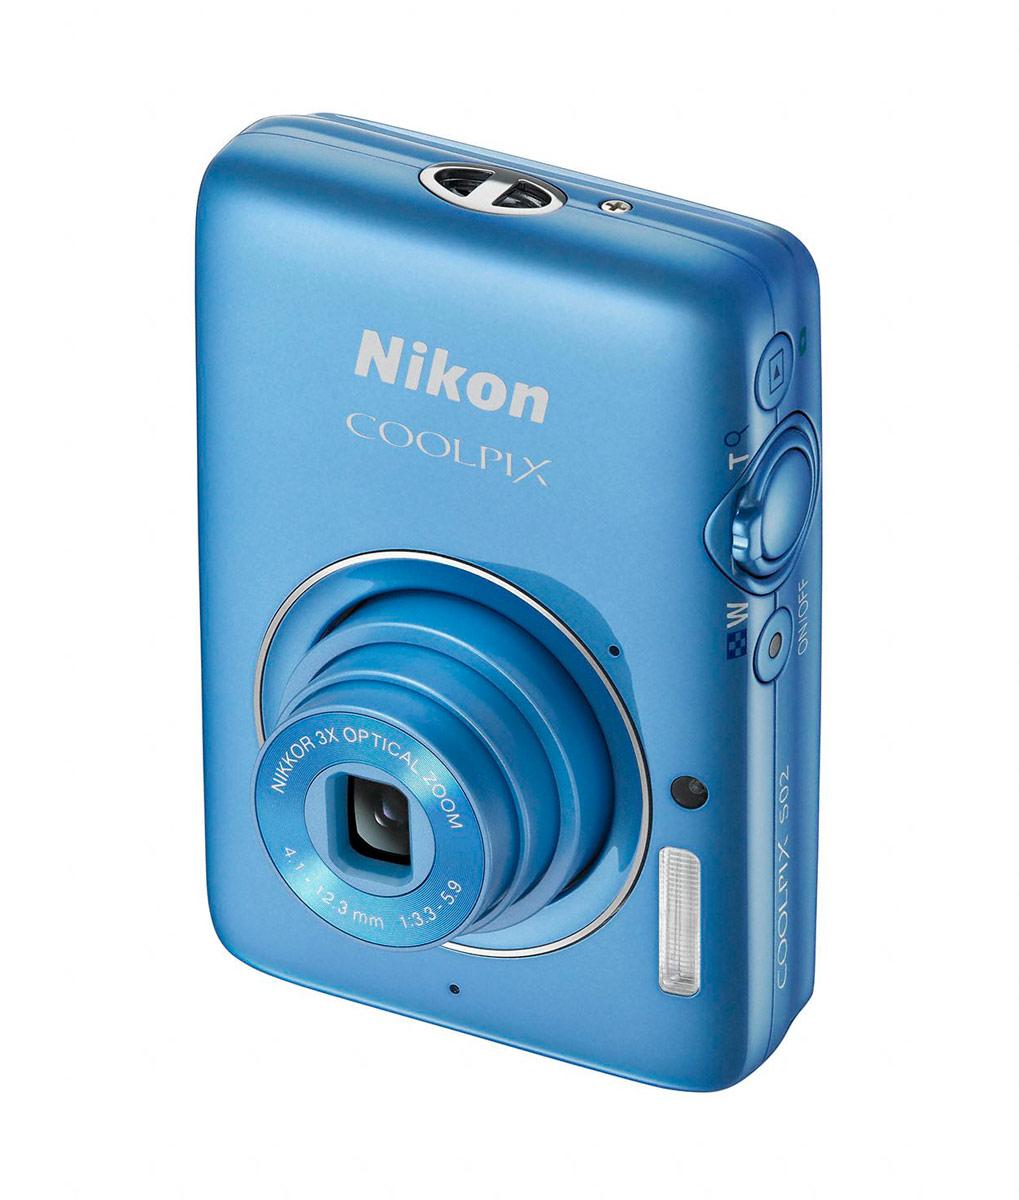 Nikon Coolpix S02 - Vertical - Blue